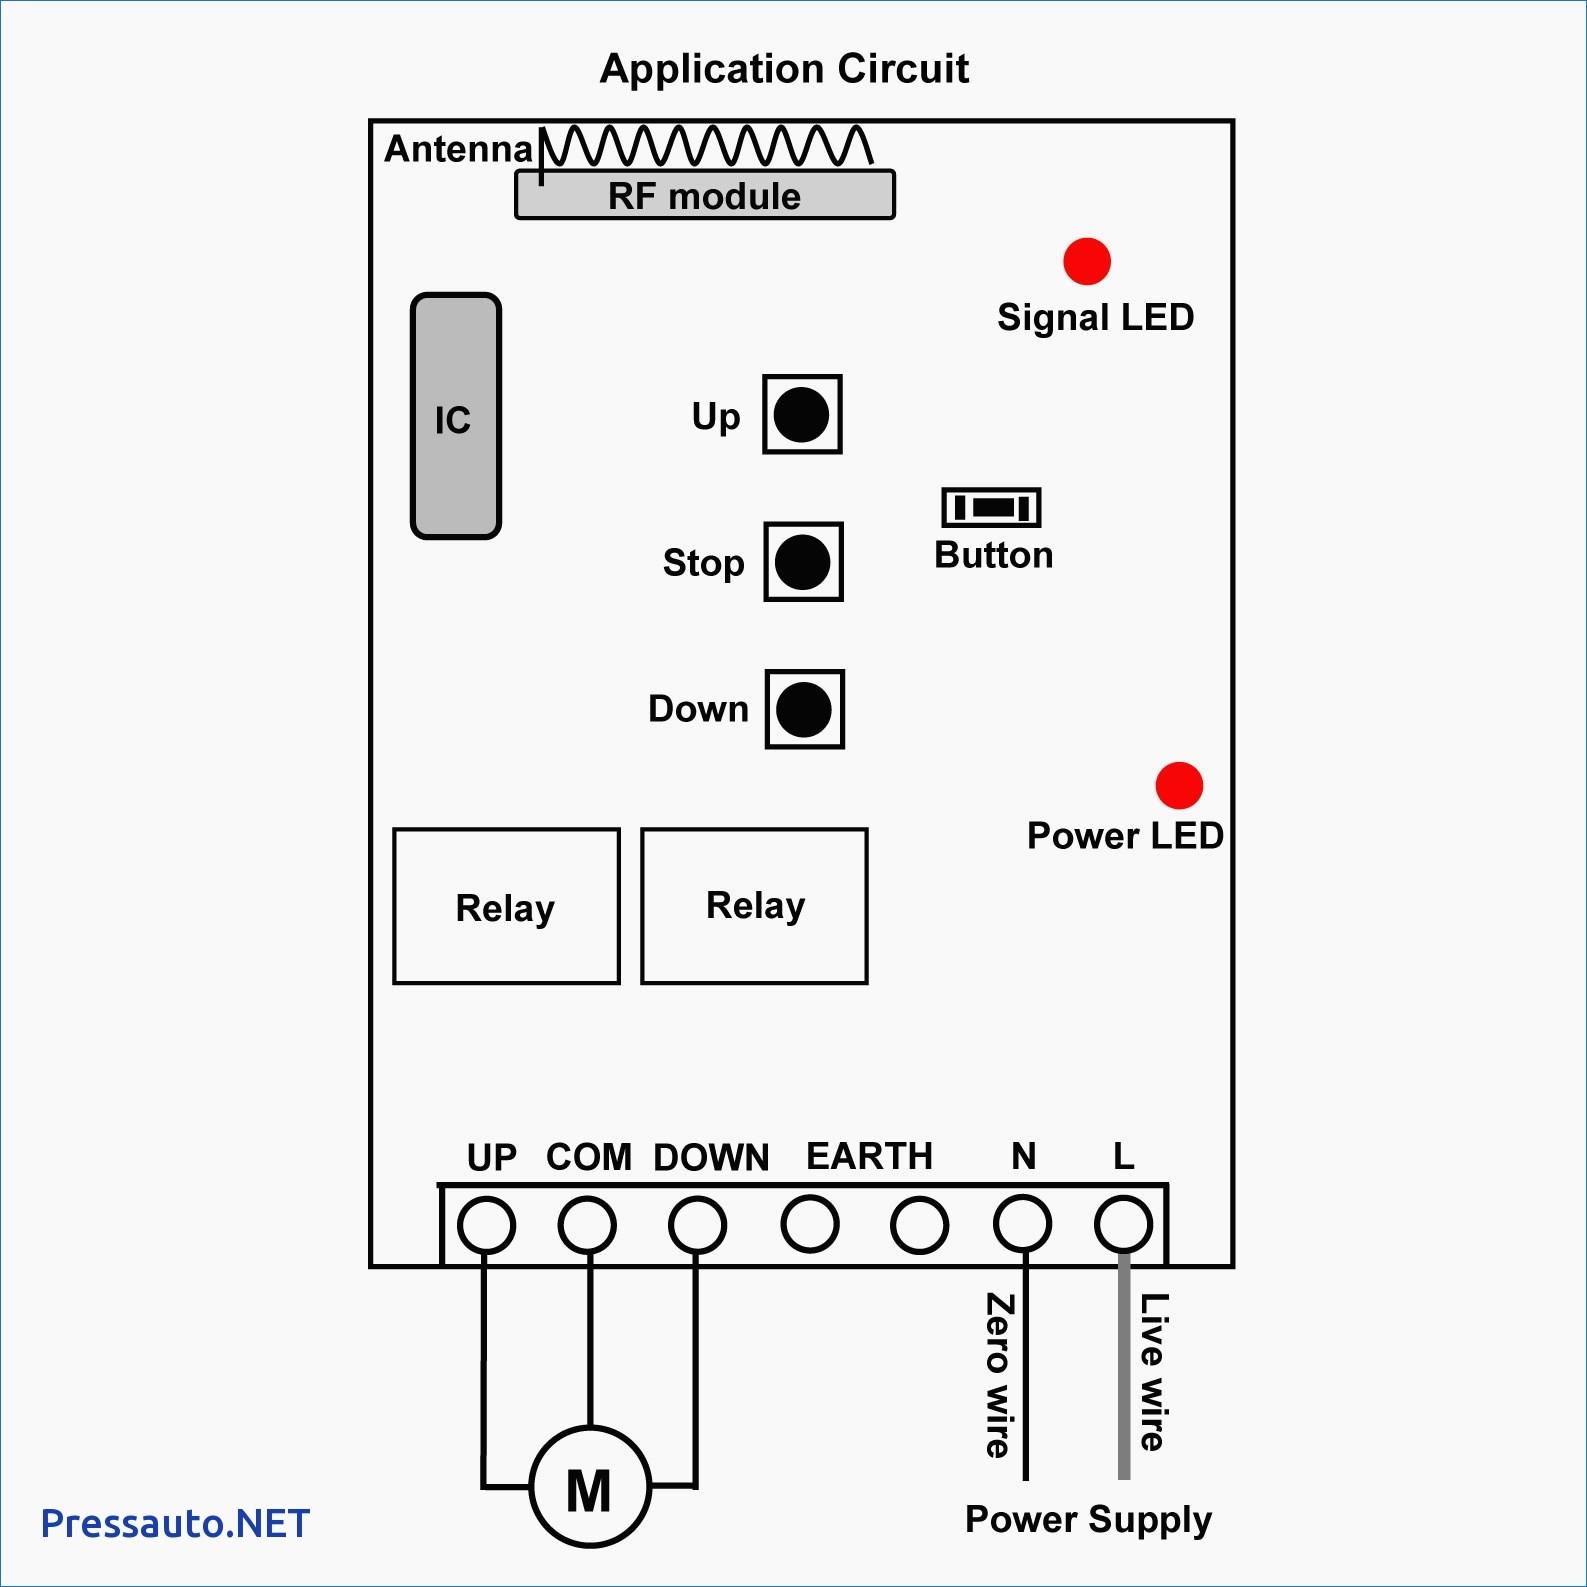 220 Volt Welder Wiring Diagram | Wiring Library - 220V Welder Plug Wiring Diagram